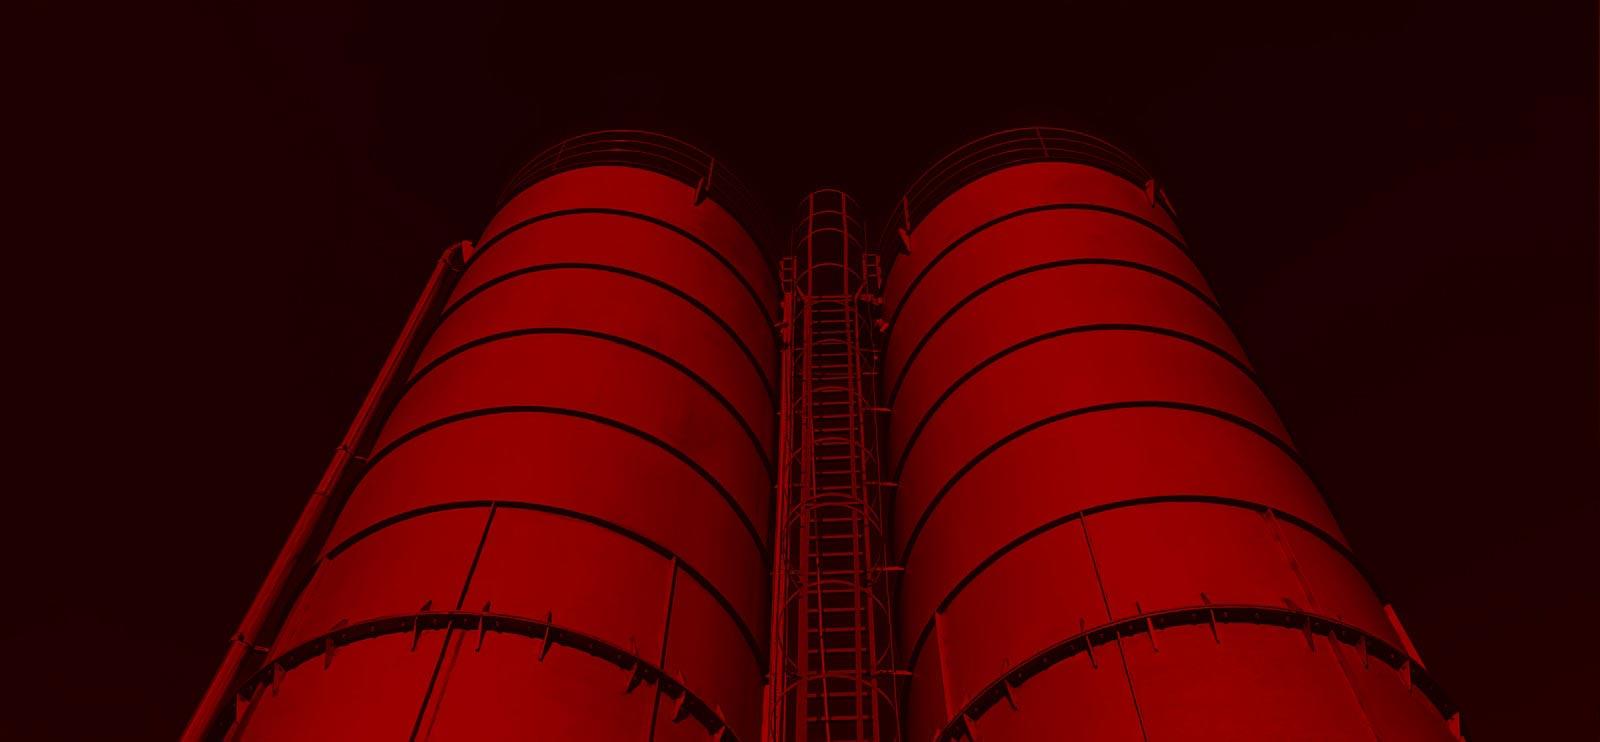 header-stainless-steel-silos-banner-min